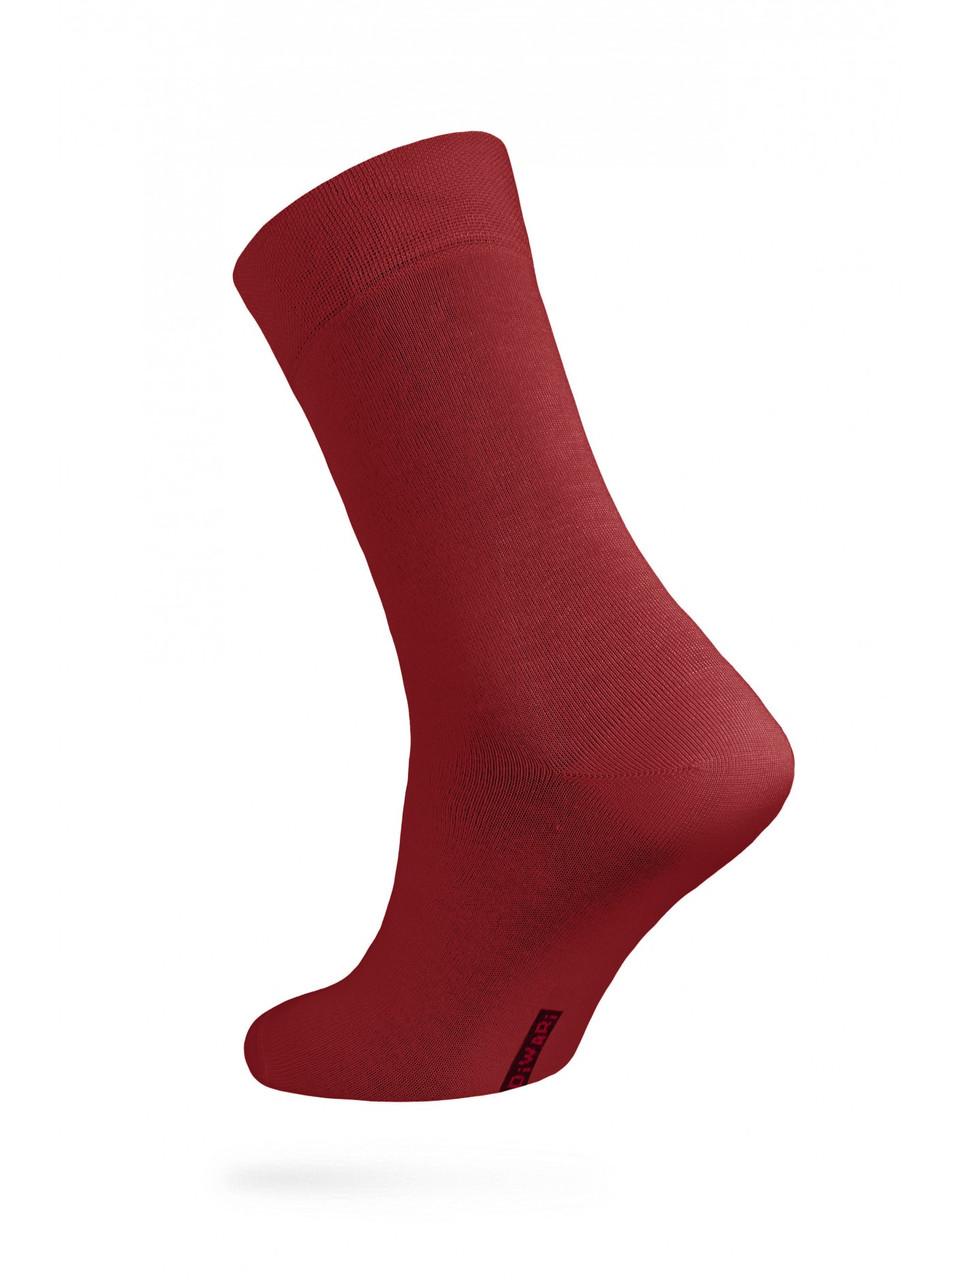 Шкарпетки чоловічі класичні бордові DIWARI CLASSIC 5С-08СП